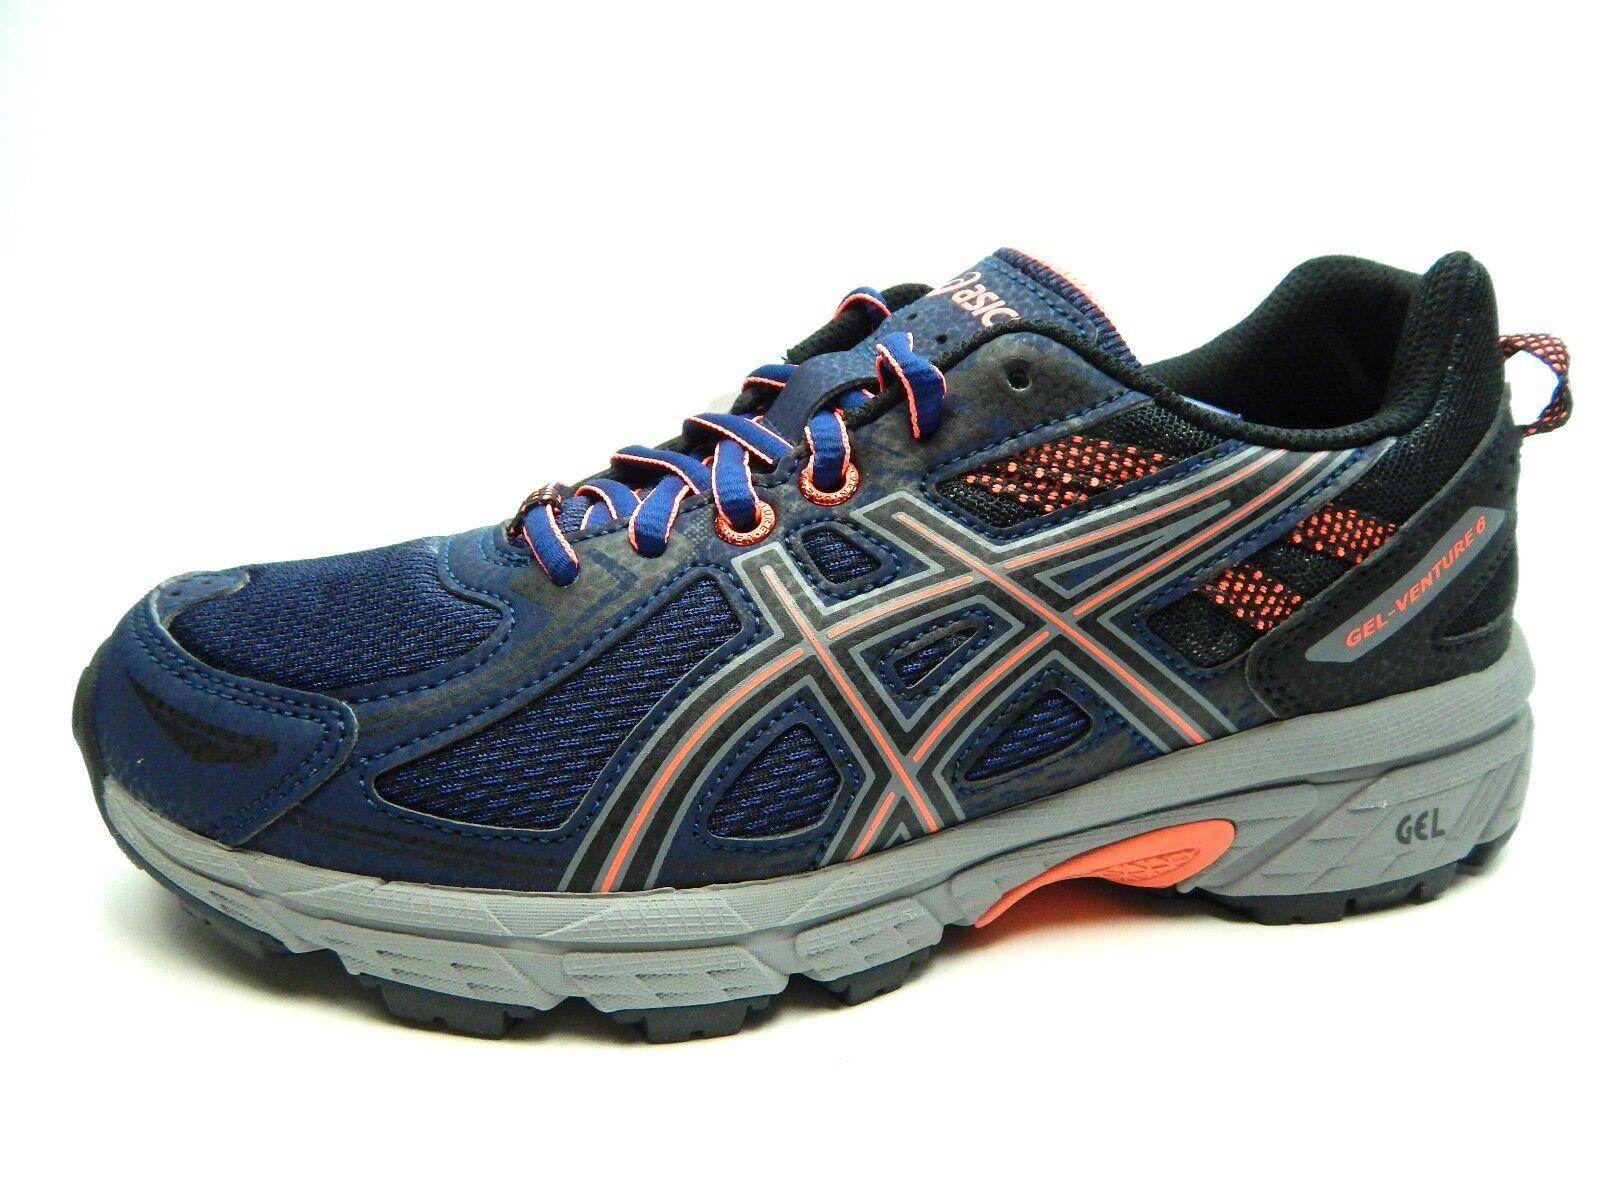 ASICS Gel Venture 6 Femme Running INDIGO Bleu Noir T7G6N 4990 Chaussures Taille 5.5-11